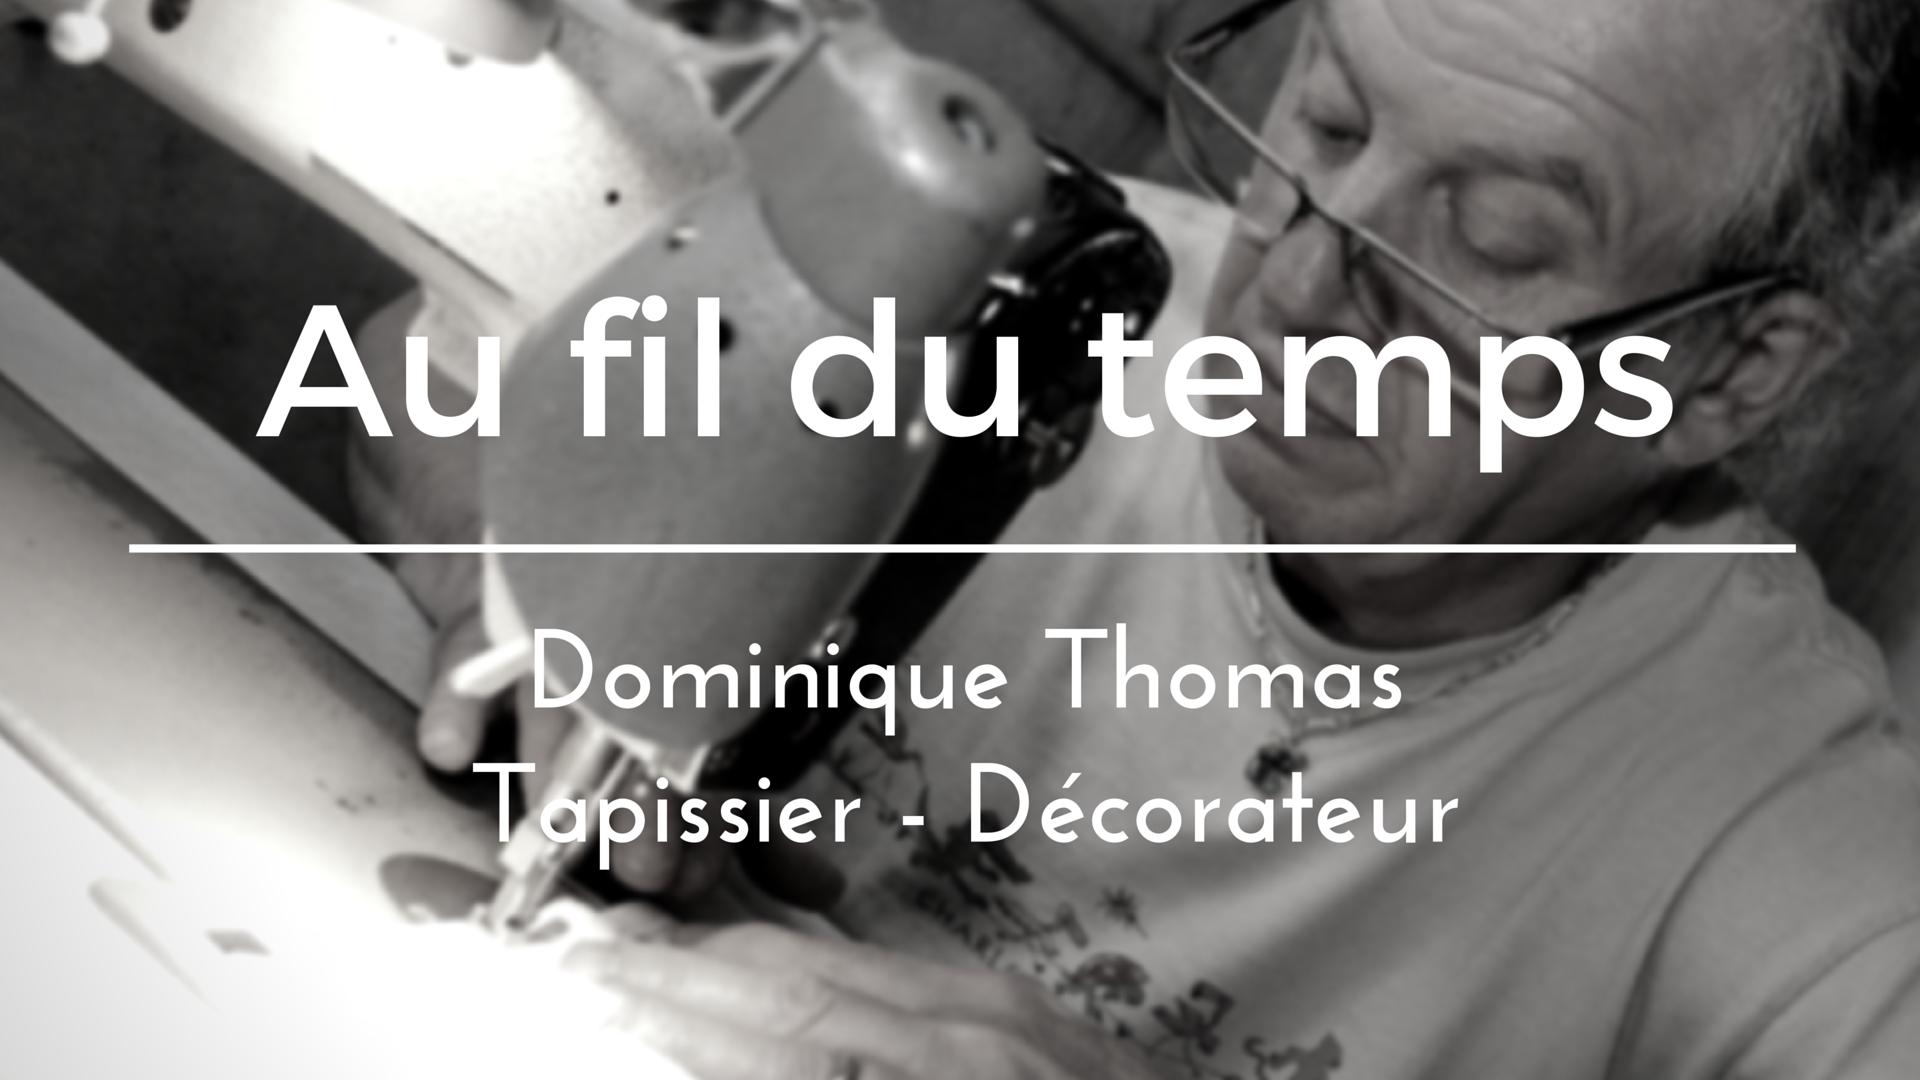 Au fil du temps dominique thomas tapissier d corateur for Tarif tapissier decorateur